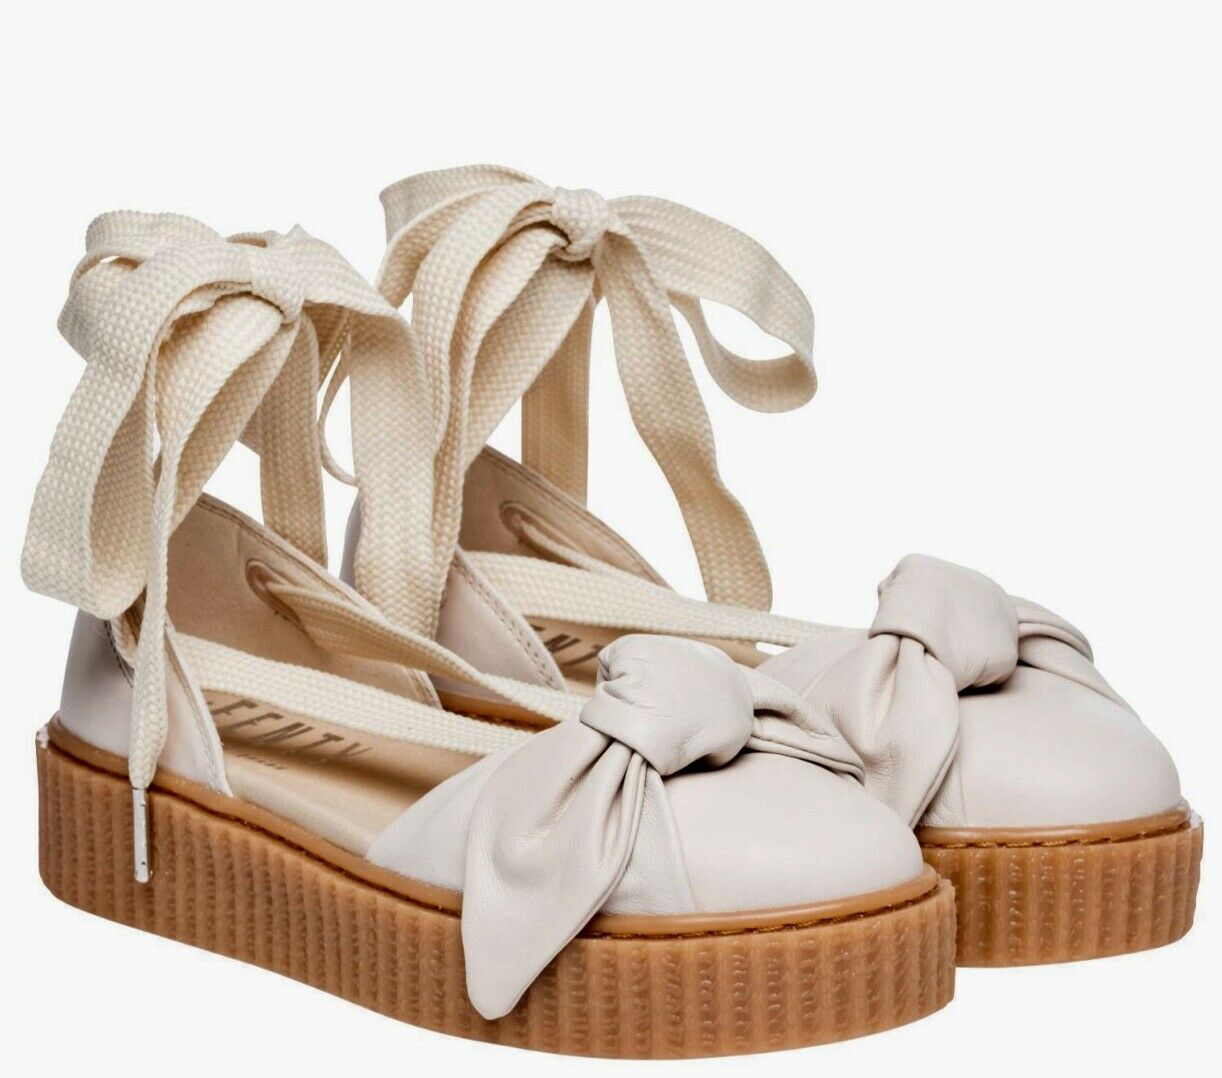 2a6fb3a9fc8d Women s Puma Fenty Rihanna Bow Creeper Sandals shoes